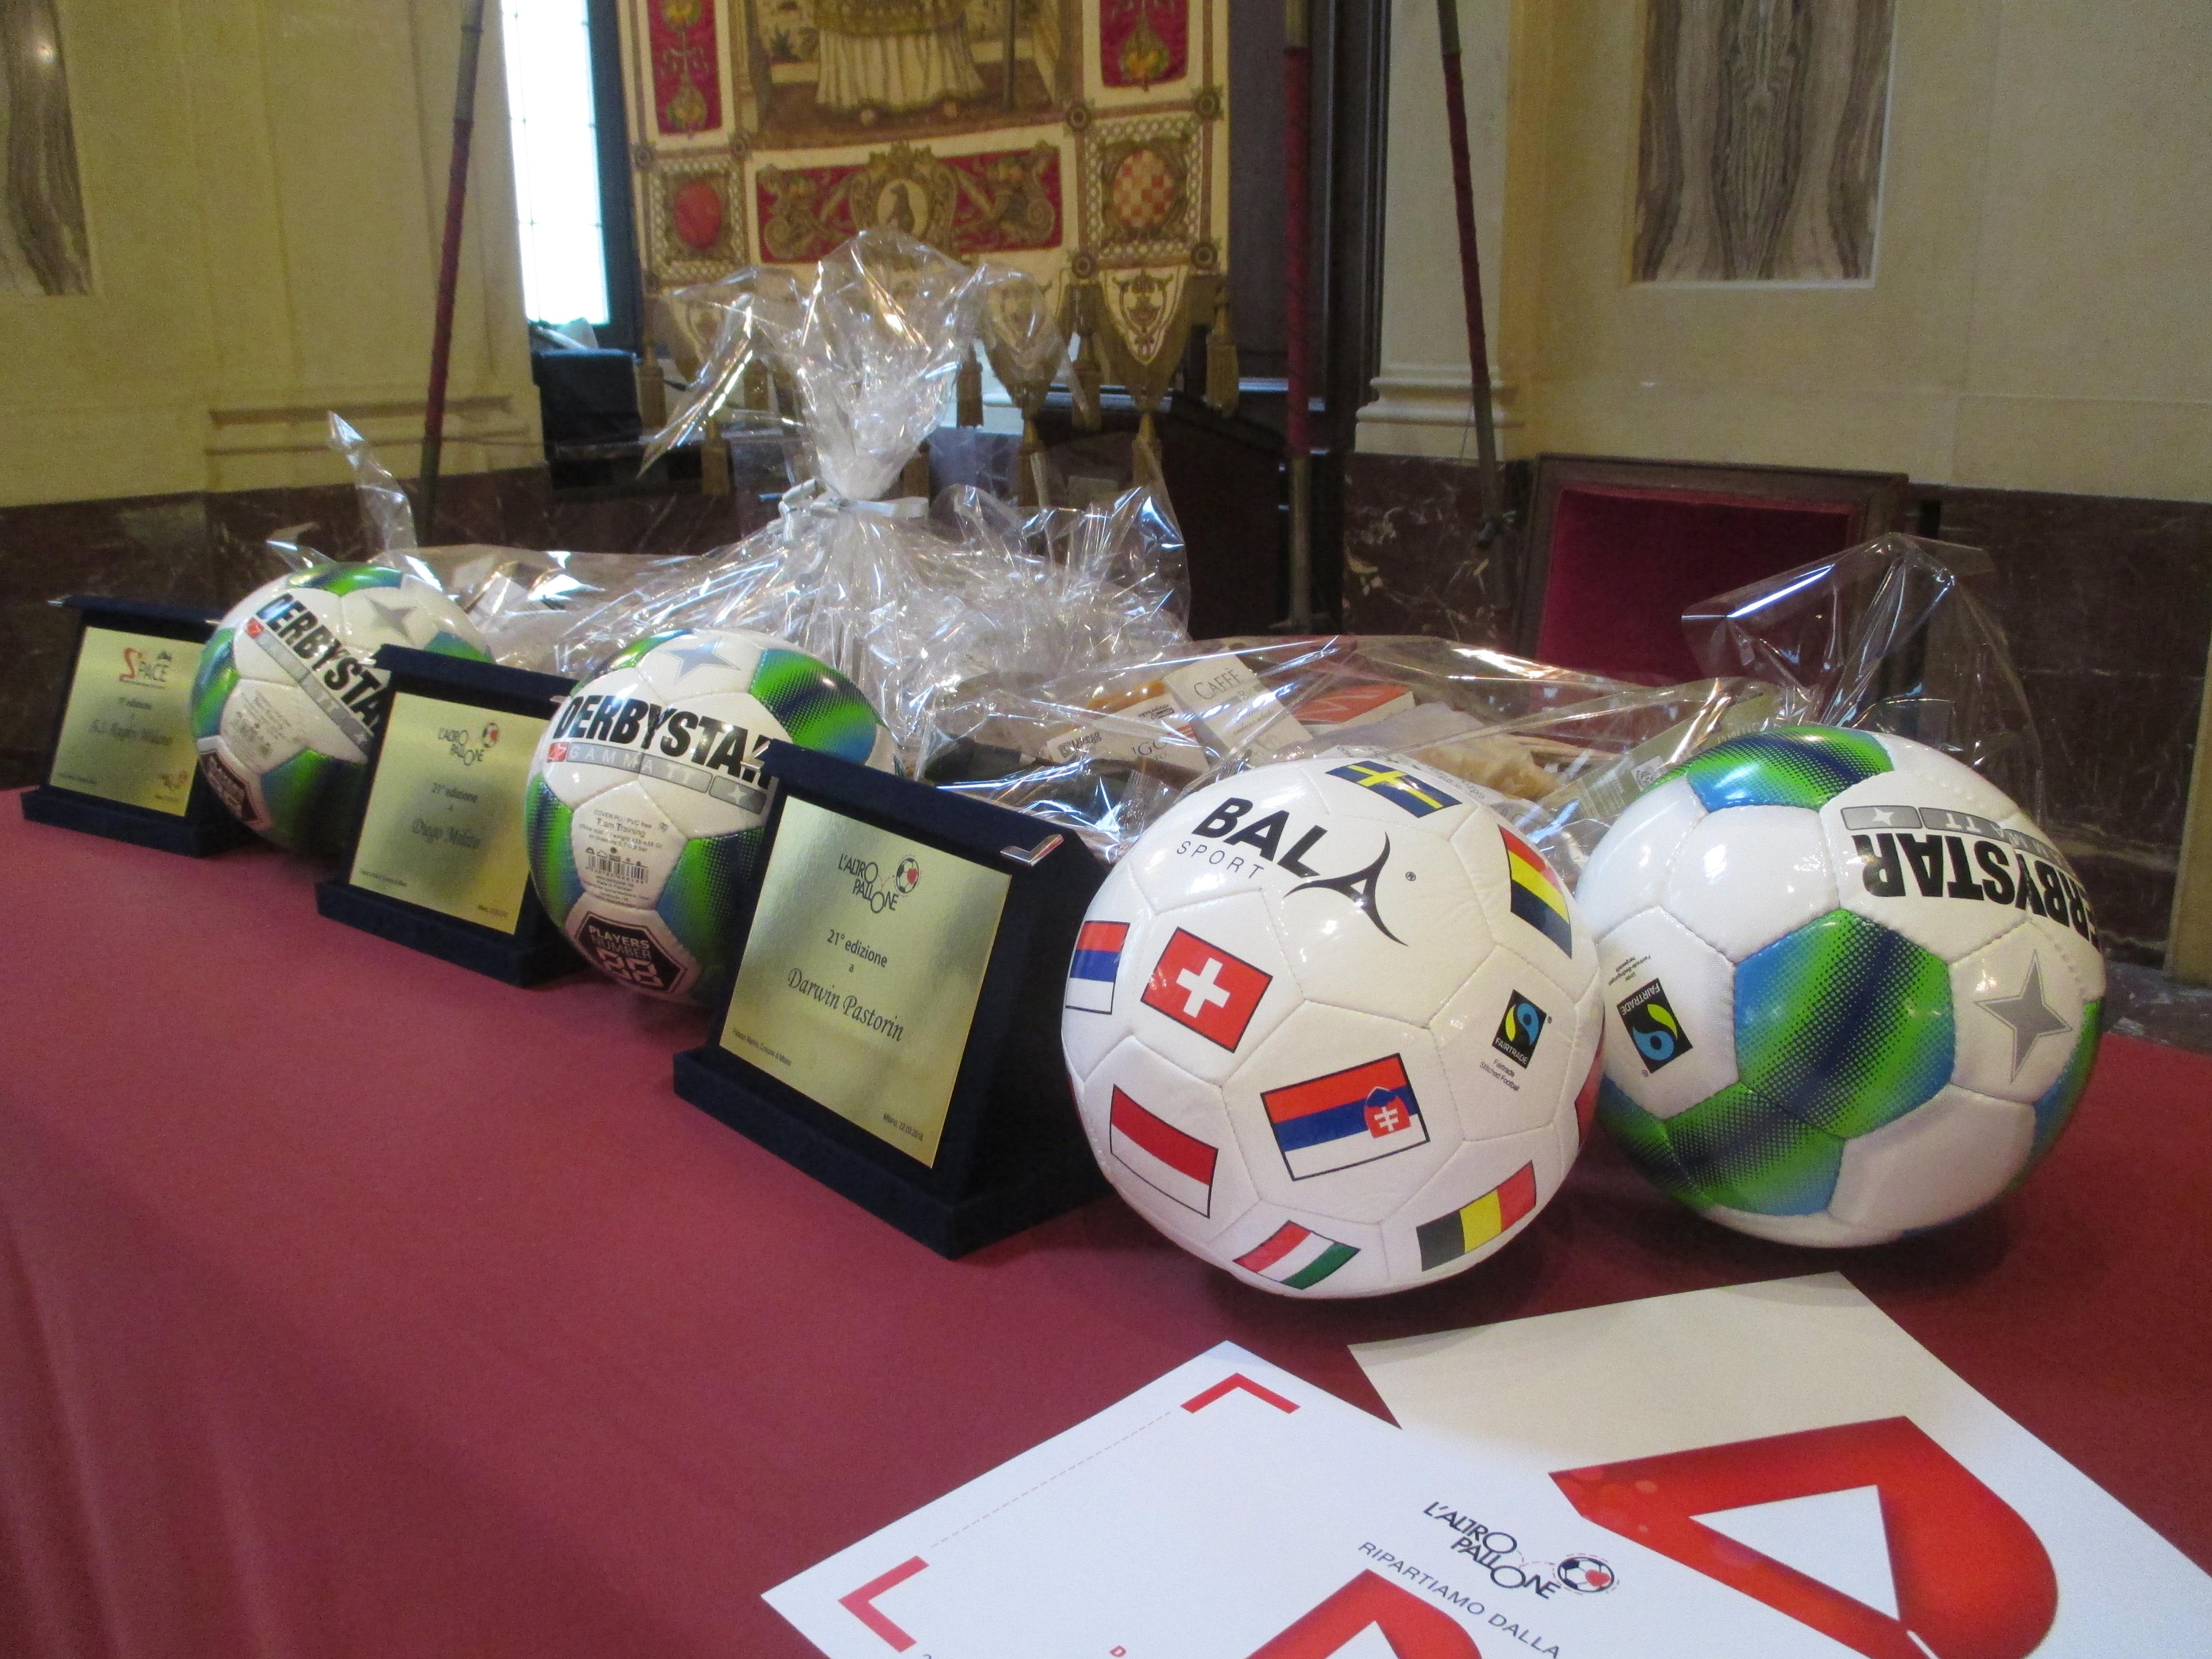 Diego Milito, Darwin Pastorin, A.S. Rugby Milano, AM18 Football Team: i vincitori di Altropallone ASD Onlus!